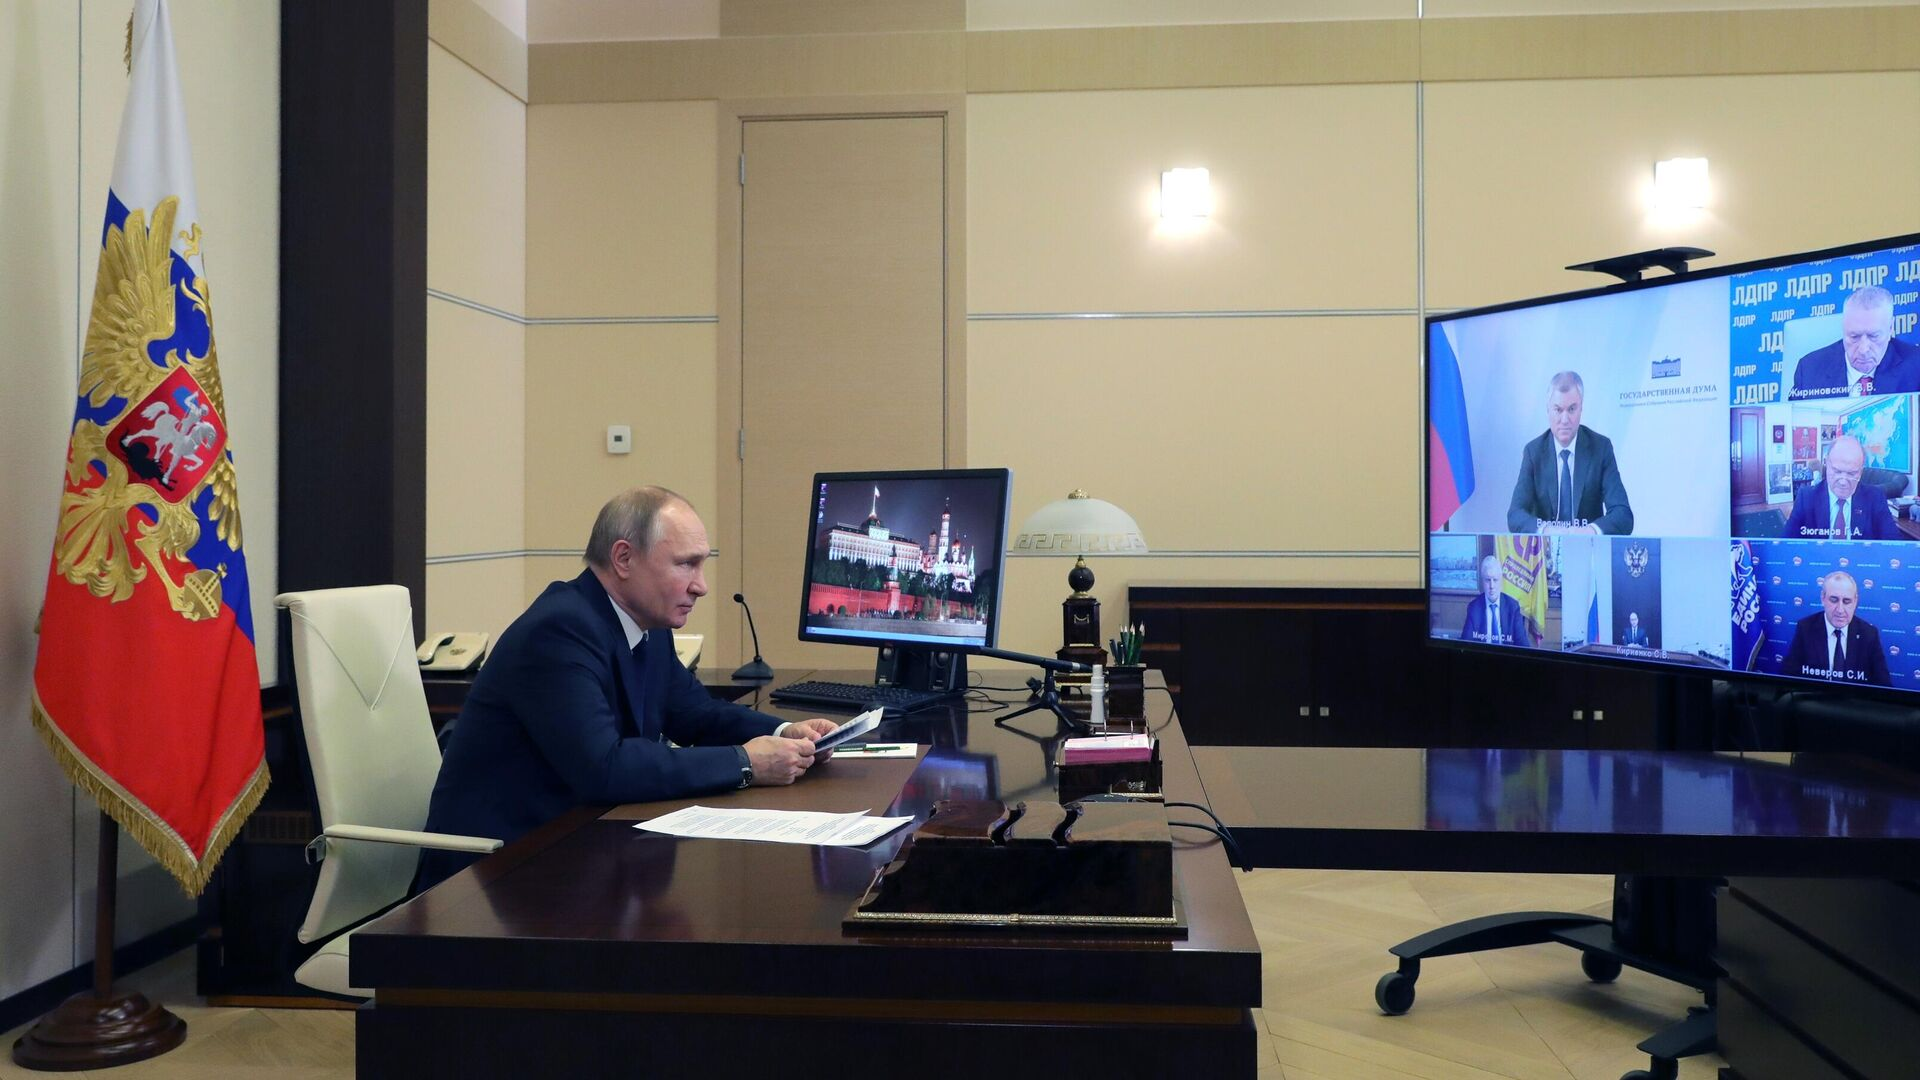 Эксперты оценили встречу Путина с лидерами думских фракций